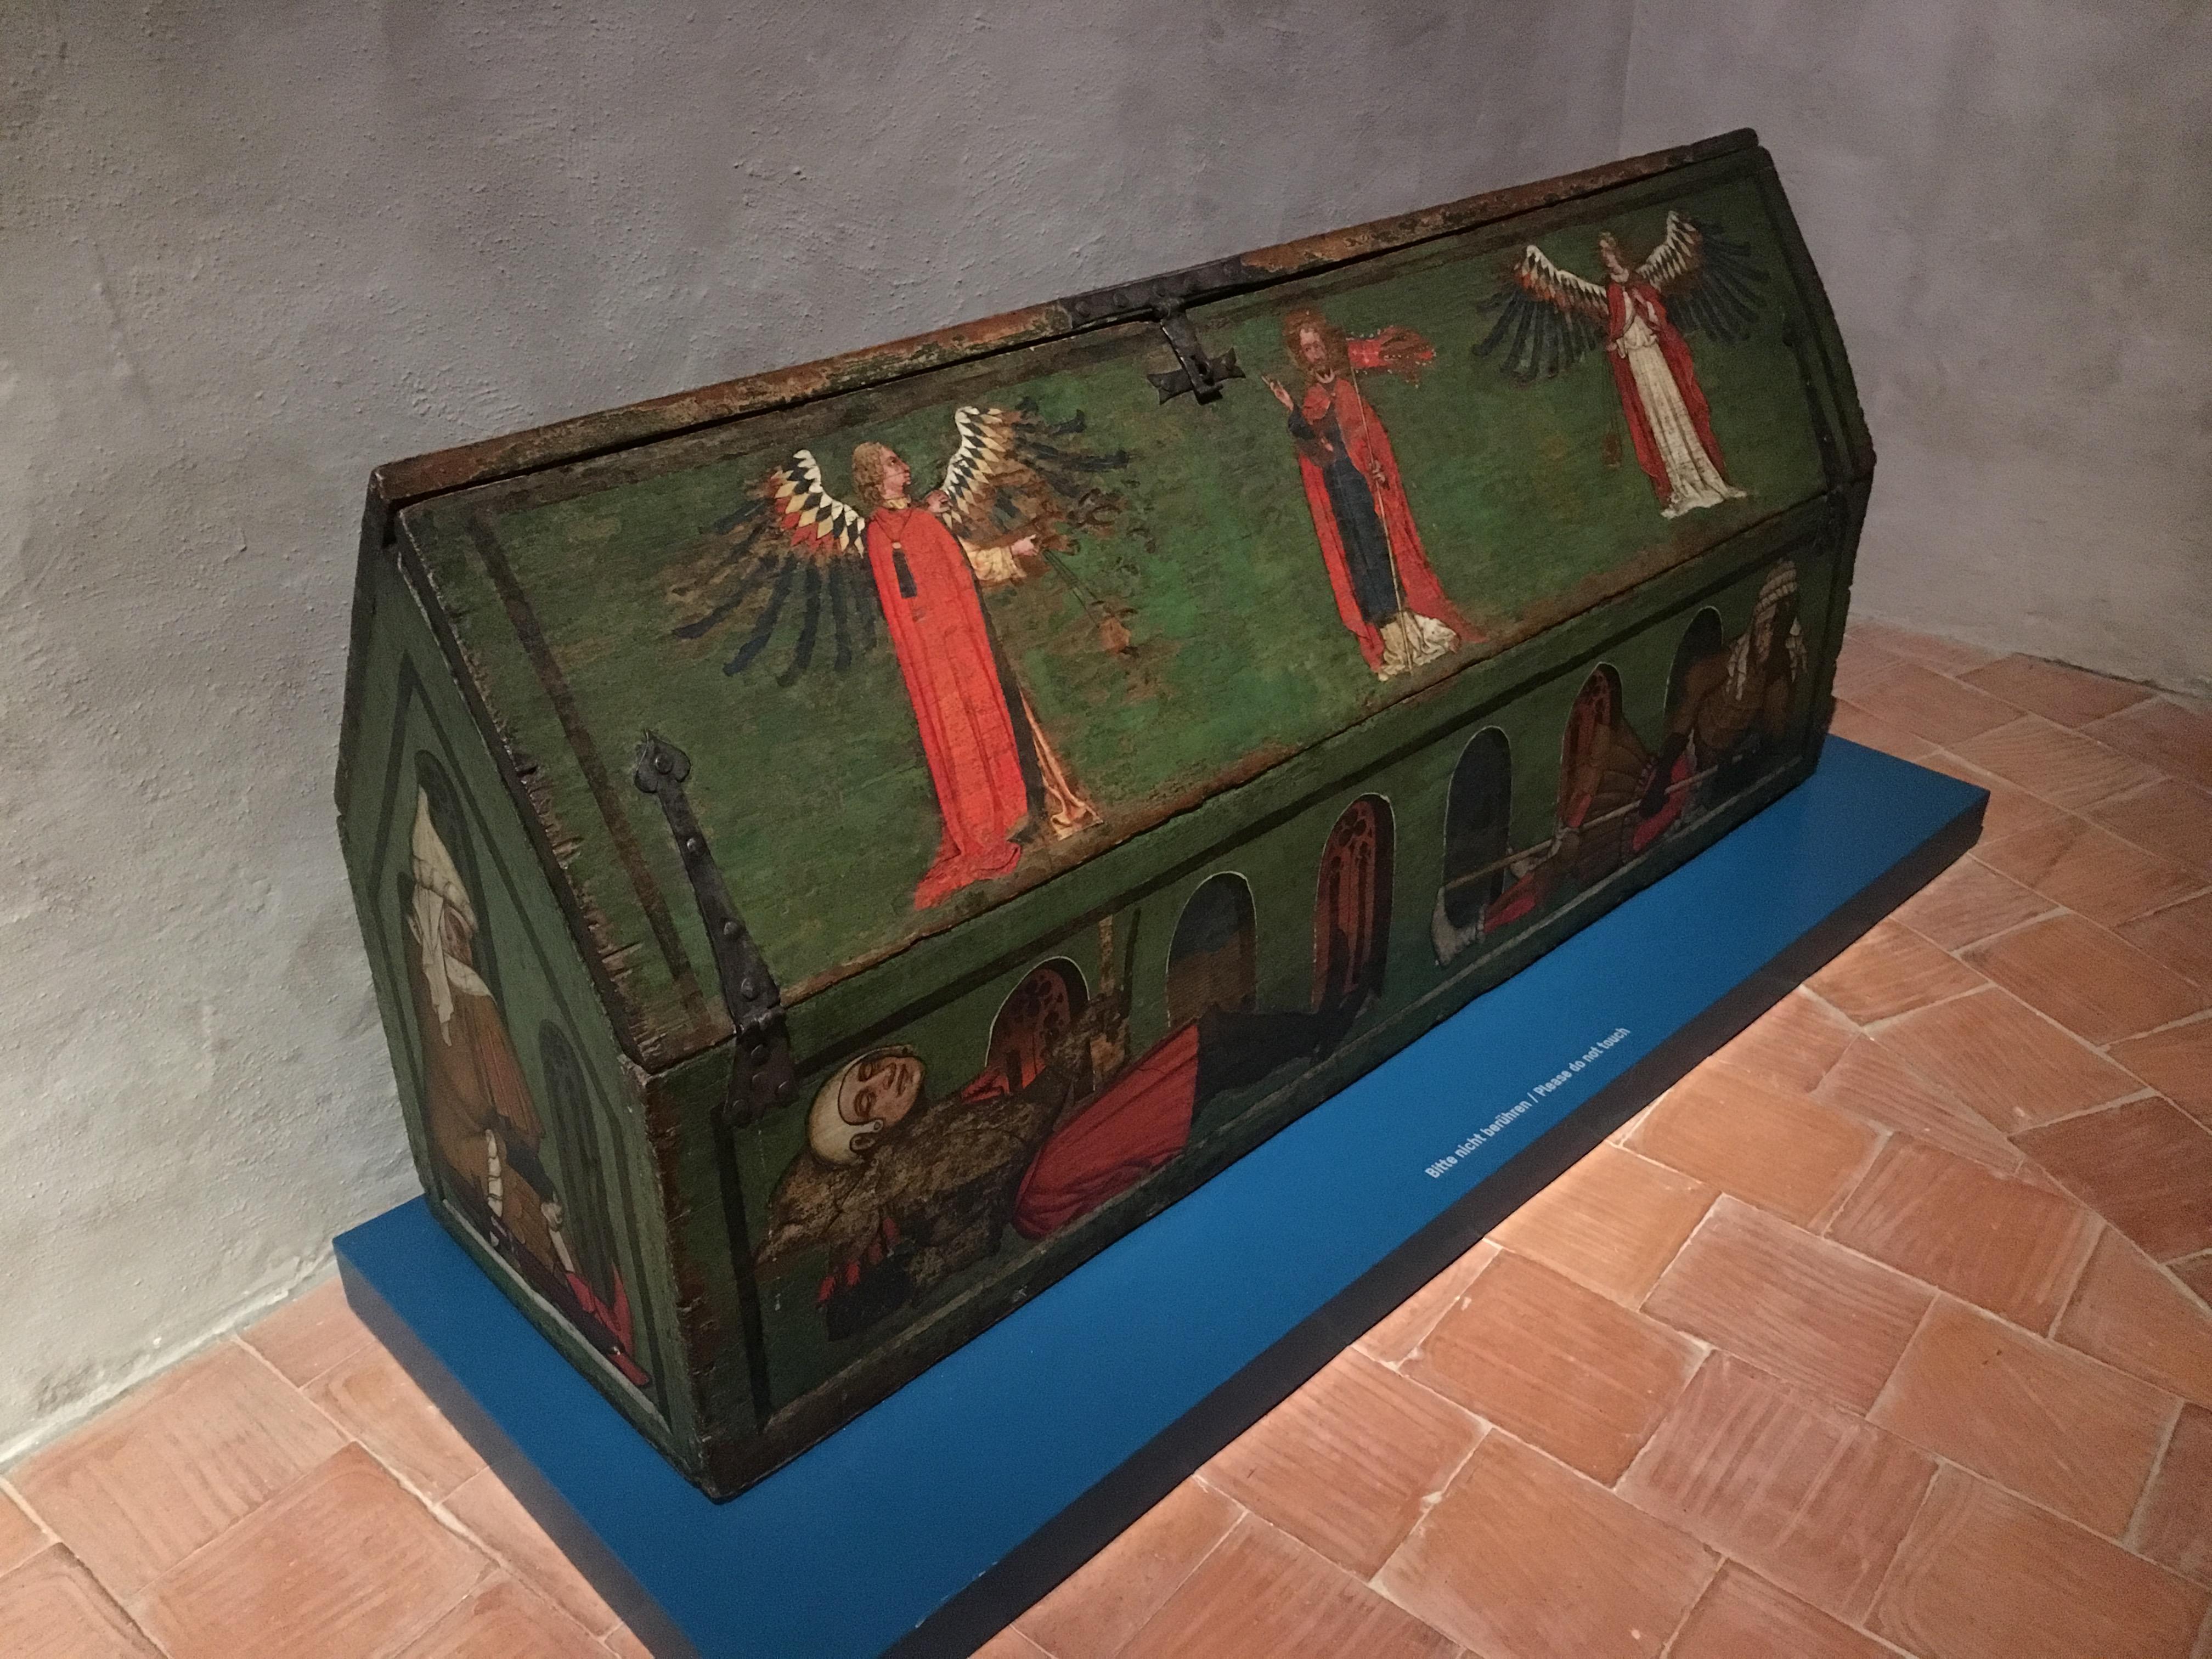 Die geschlossene Heilig-Grabtruhe aus Baar (1430) mit dem Bild des auferstandenen Christus auf dem Deckel / Bild: Museum Burg Zug